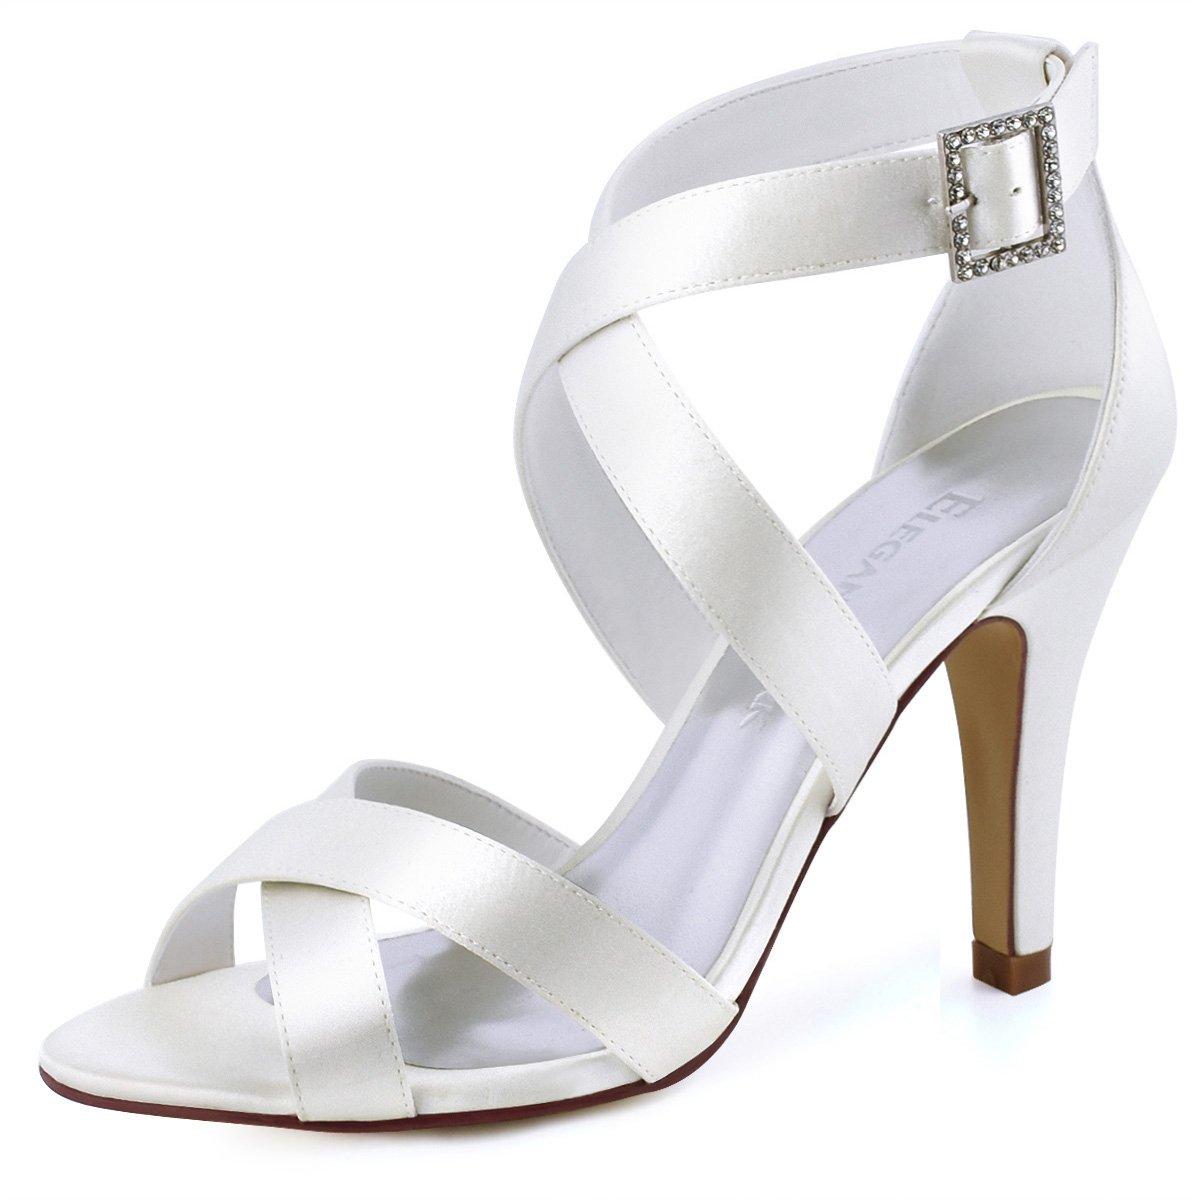 Elegantpark Stiletto HP1705 à Femmes Peep Toe Sandales à Lanières de à Talons Hauts Stiletto Boucle Satin Chaussures de Mariée de Mariage Ivoire 193f362 - boatplans.space